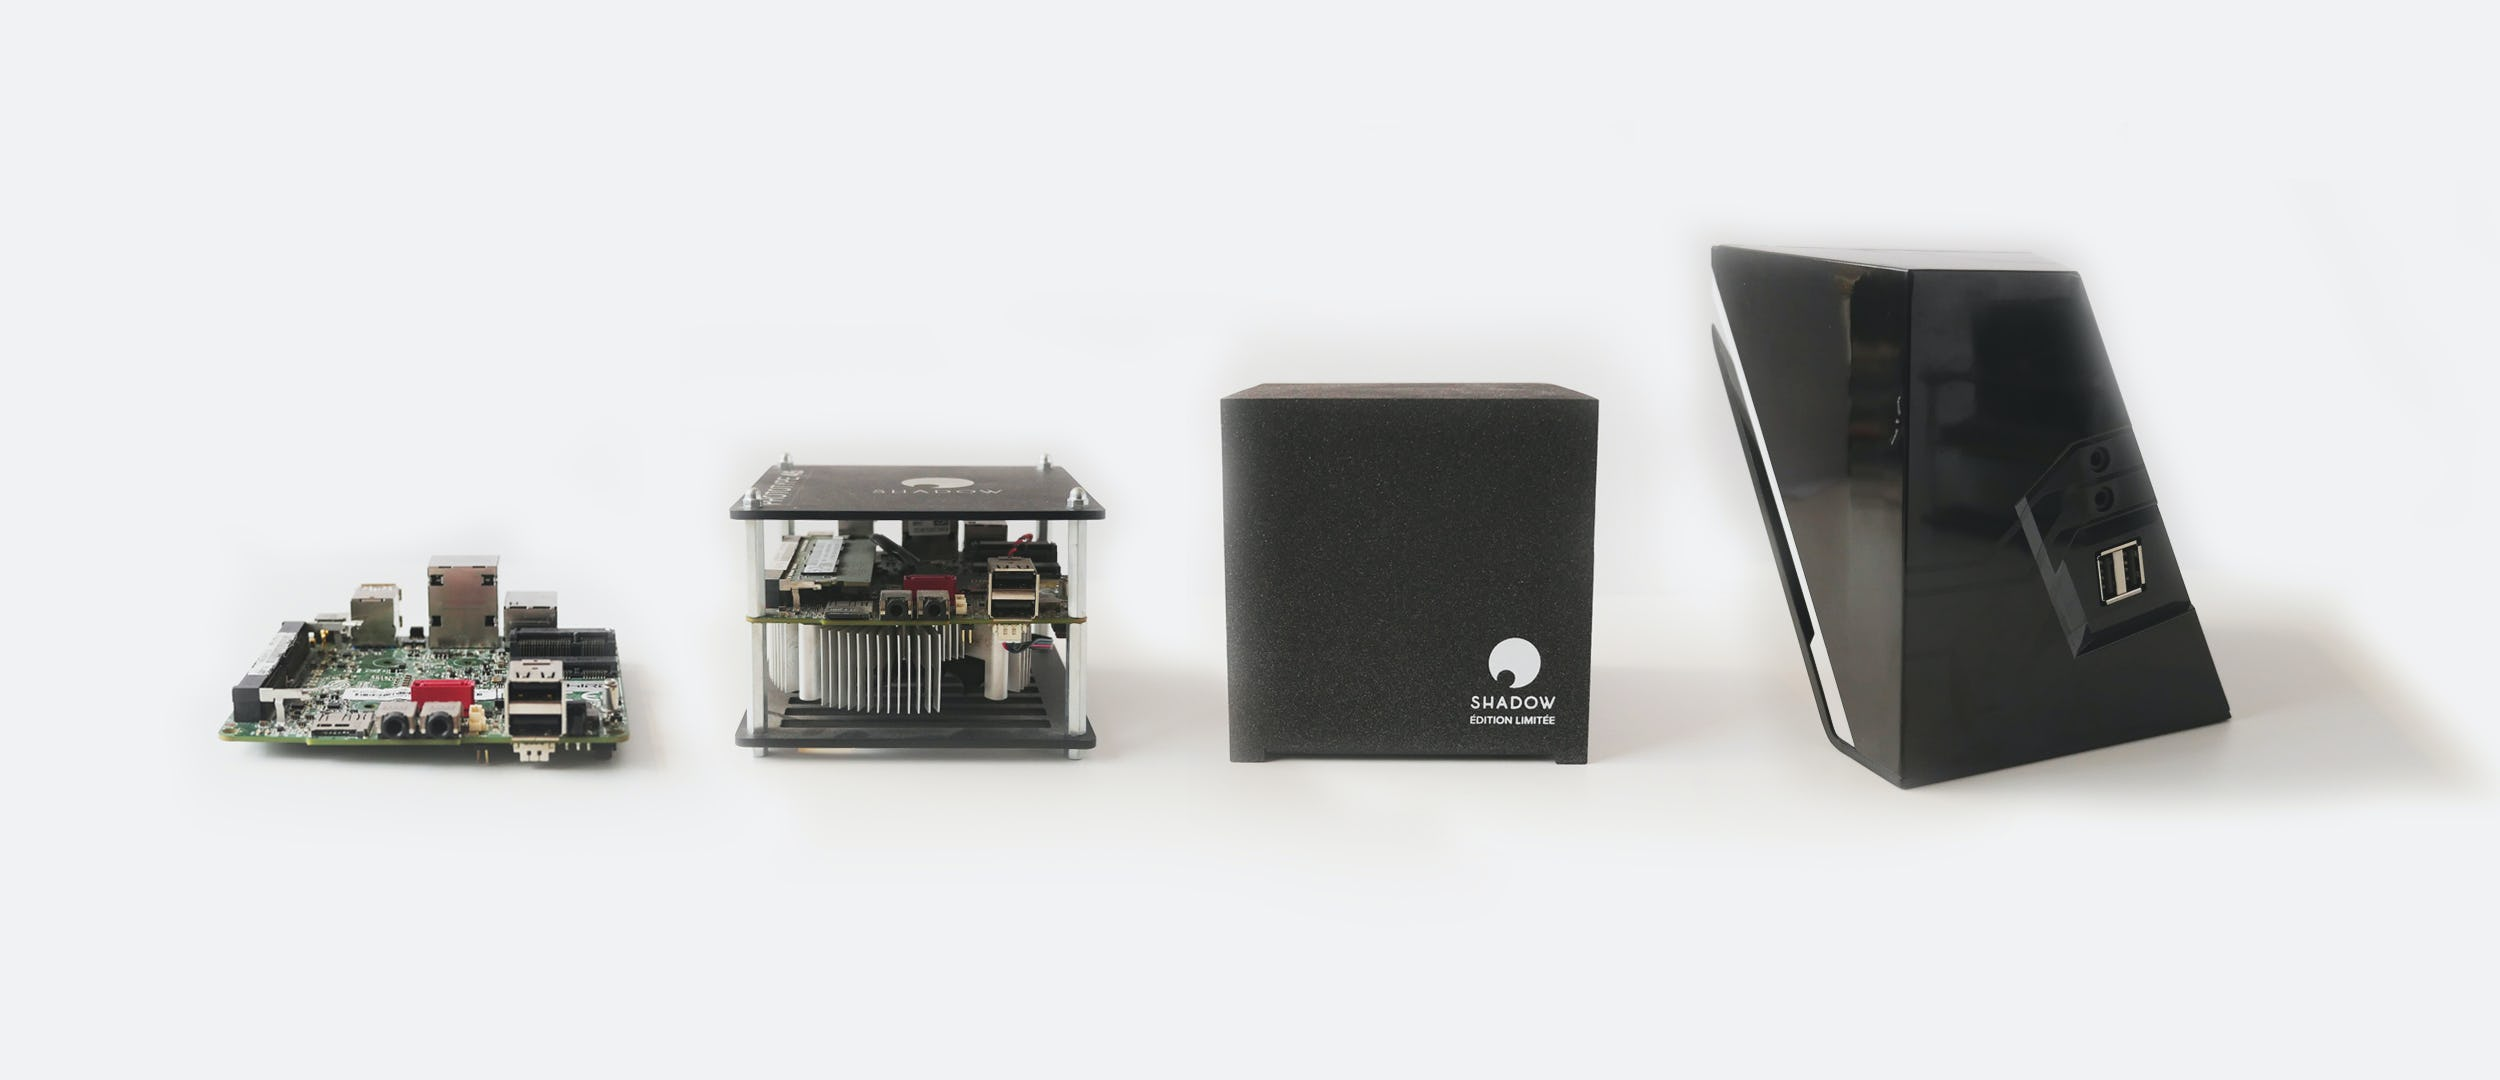 La Shadow Box, un boîtier permettant de transformer vos écrans en PC gamer